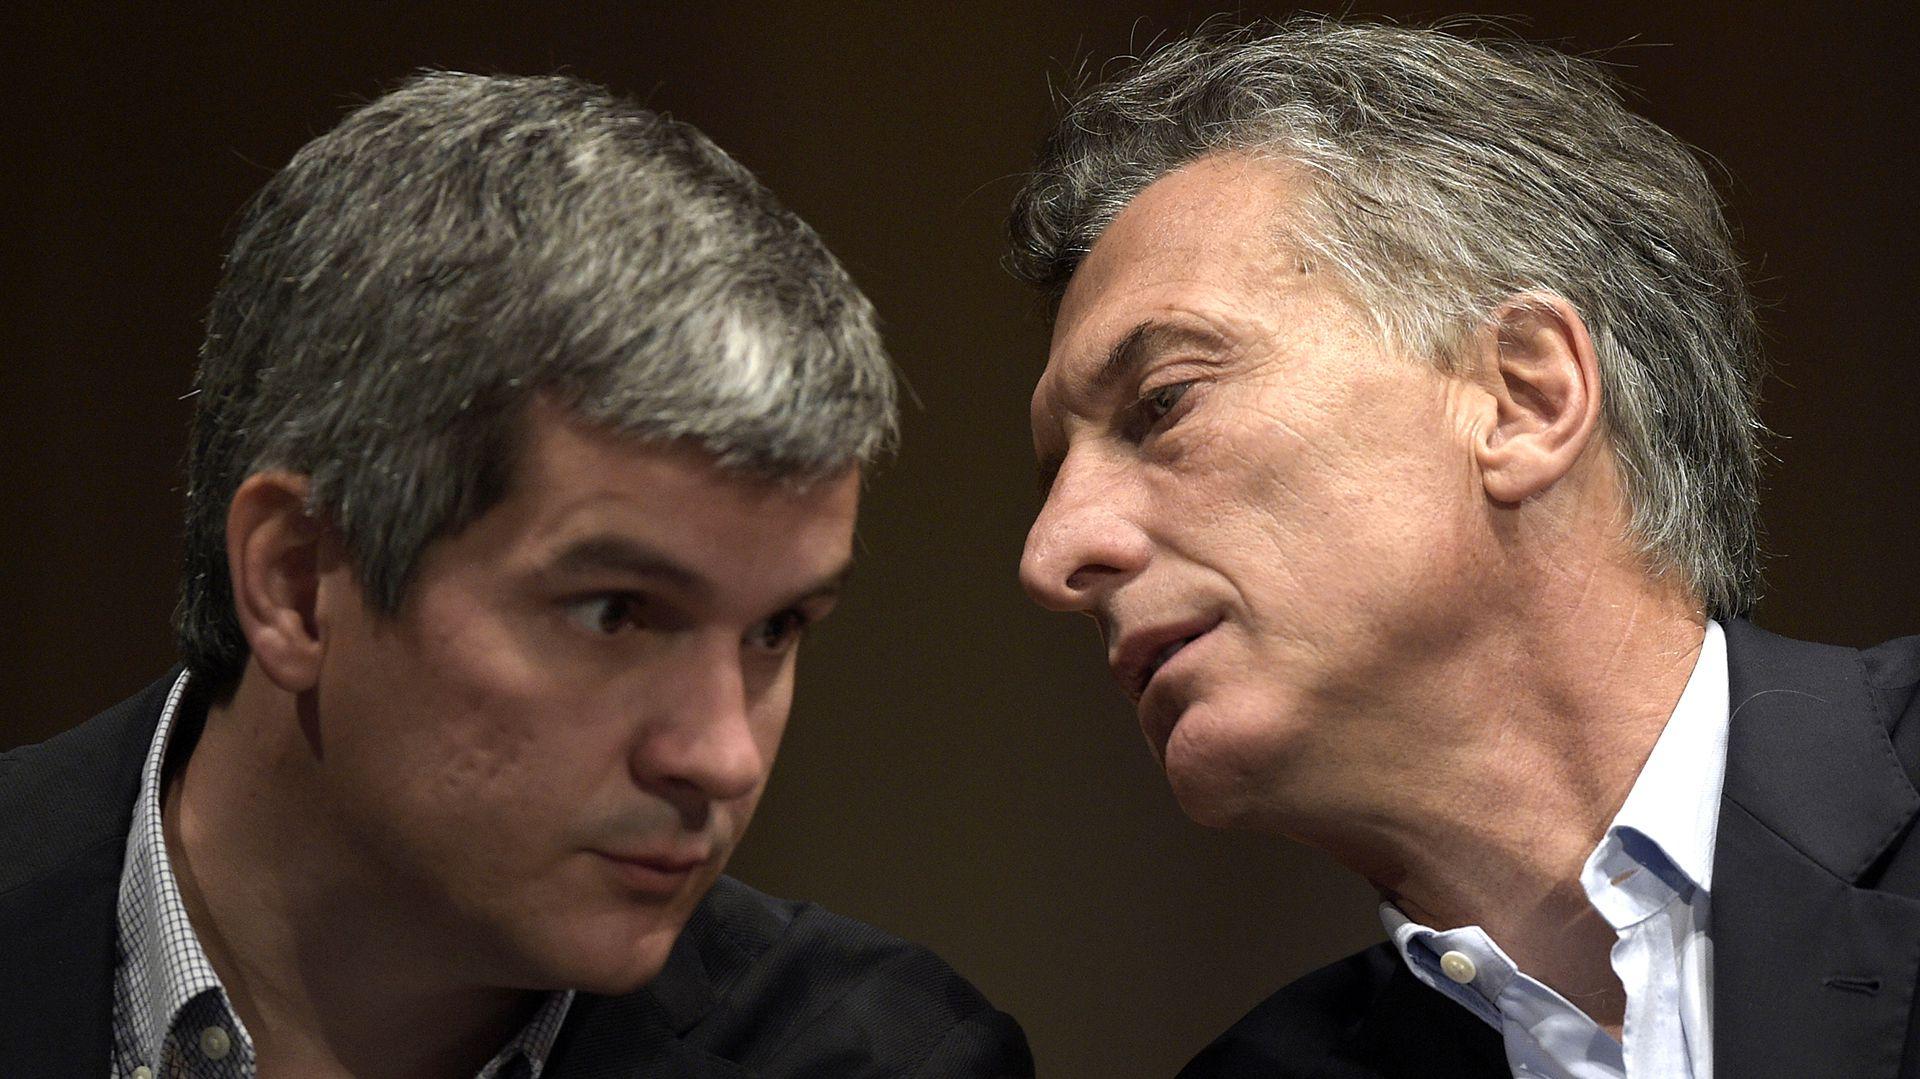 Marcos Peña y Mauricio Macri: amigos personales y socios políticos que buscan permanecer en la Casa Rosada hasta 2023. (AFP)